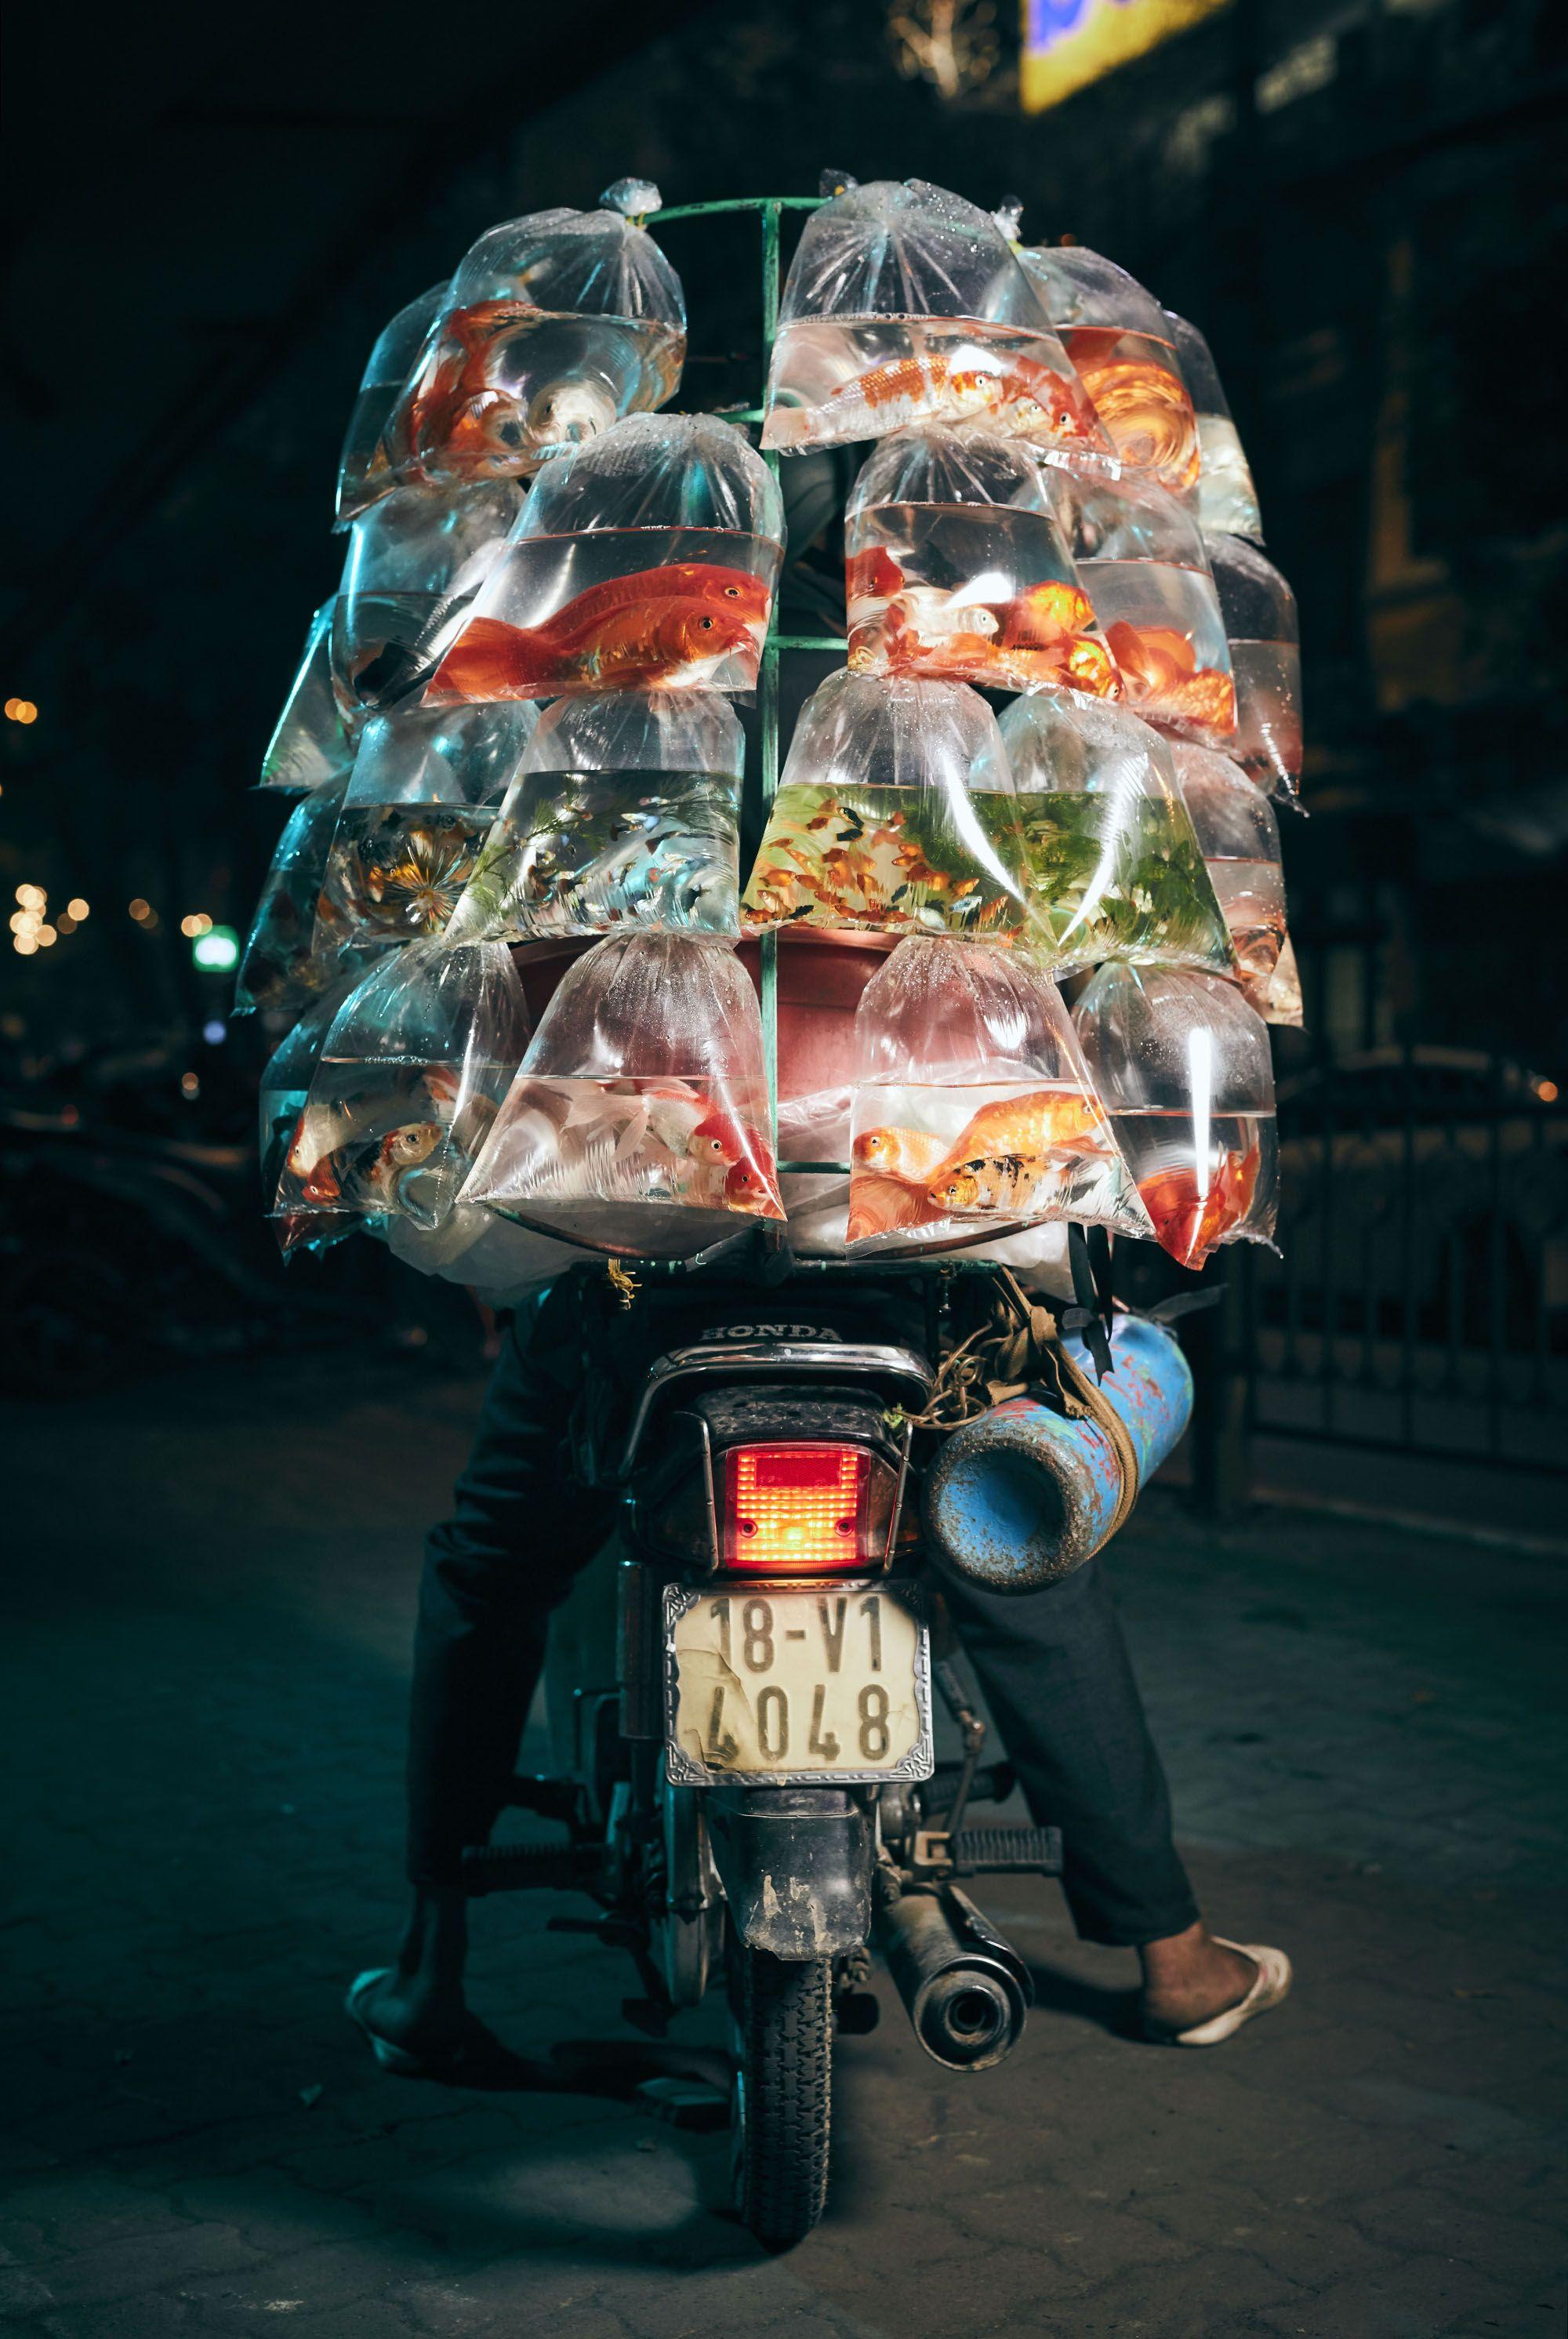 تصویر جالب از ماهی فروش موتورسوار+عکس